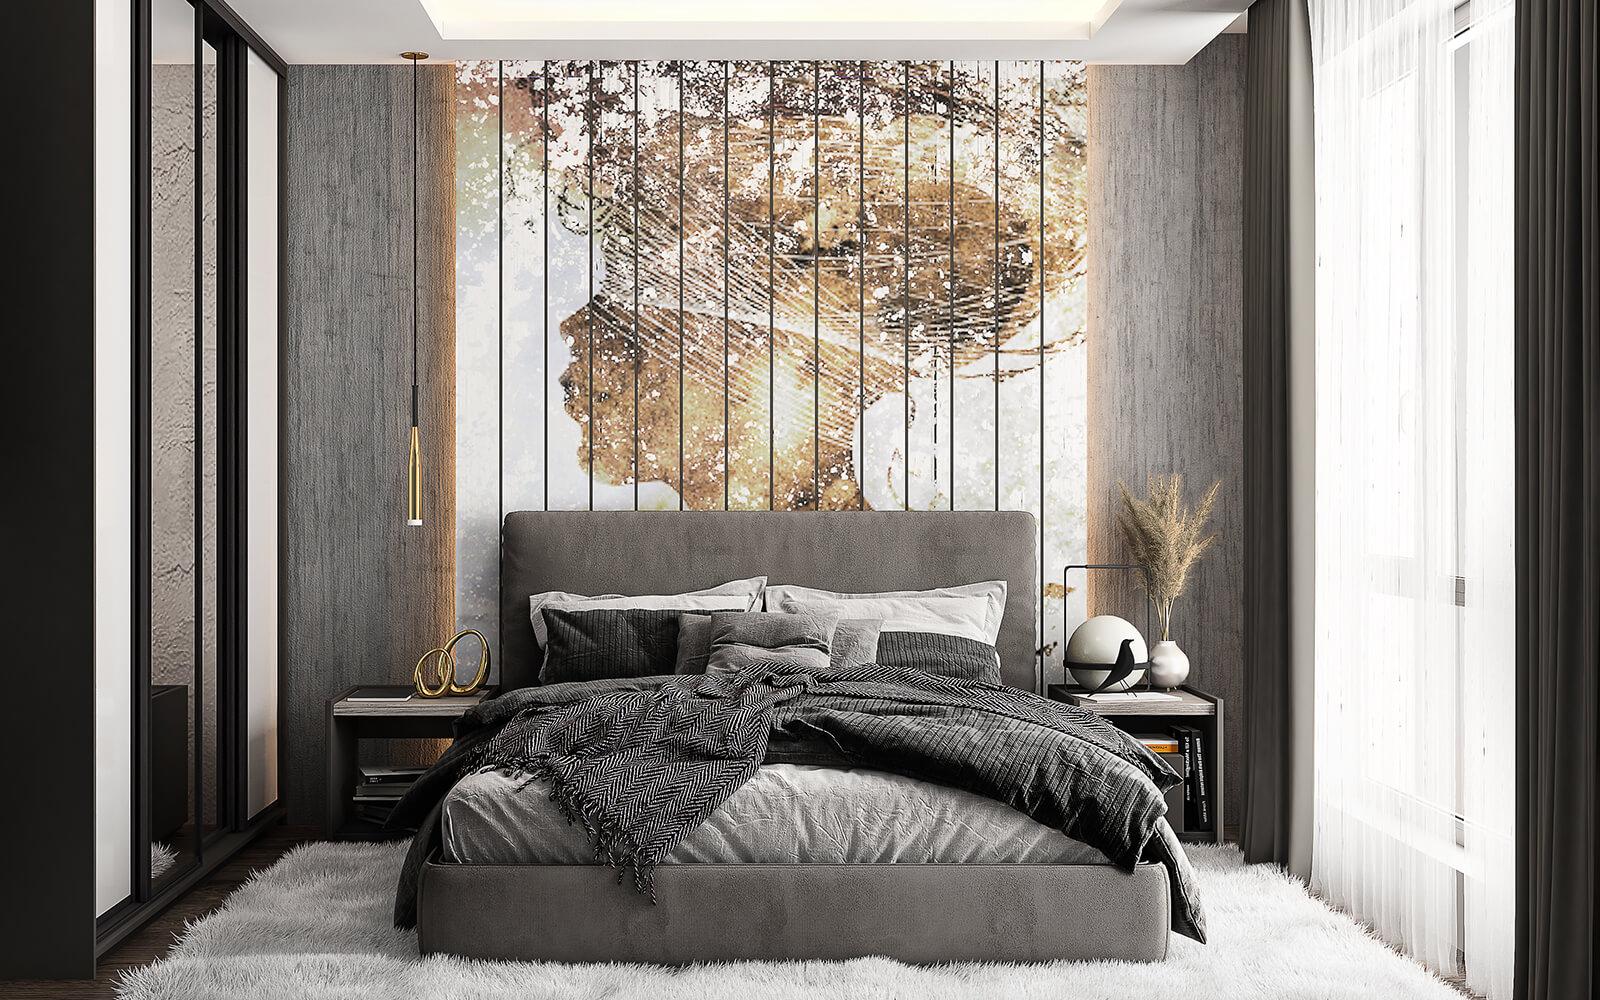 interioren-dizain-na-spalnya-kum-proekt-kami-esteta (2)